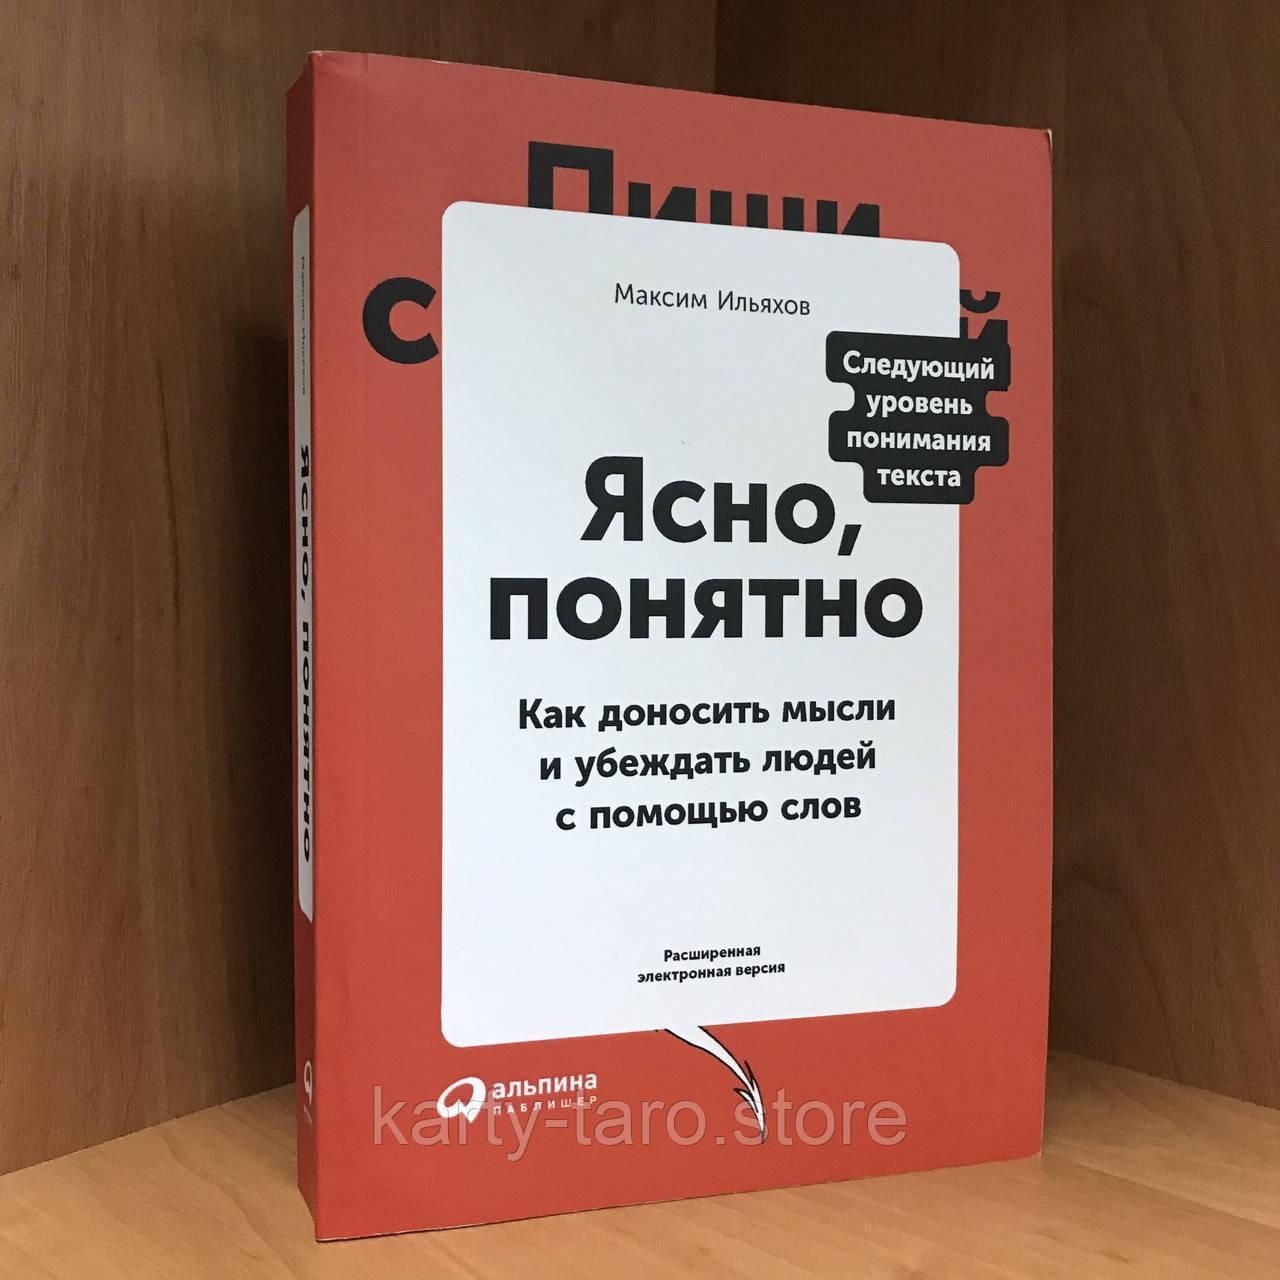 Книга Ясно, зрозуміло Як доносити думки і переконувати людей за допомогою слів - Максим Ильяхов